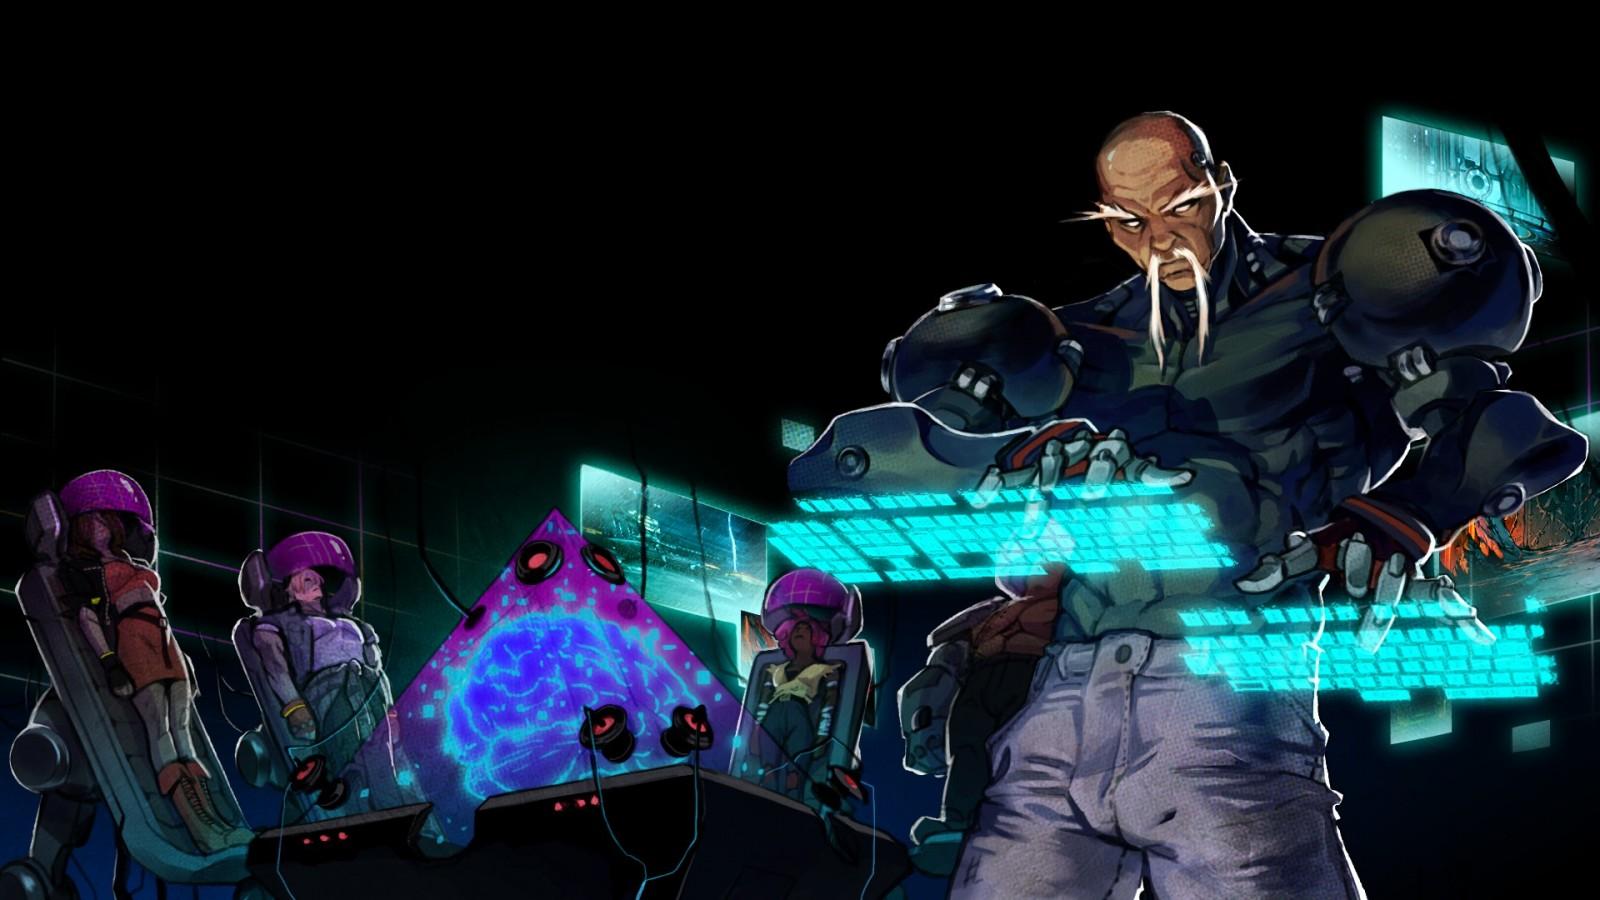 Reseña: Street of Rage 4 + Mr. X Nightmare DLC (Steam) 10